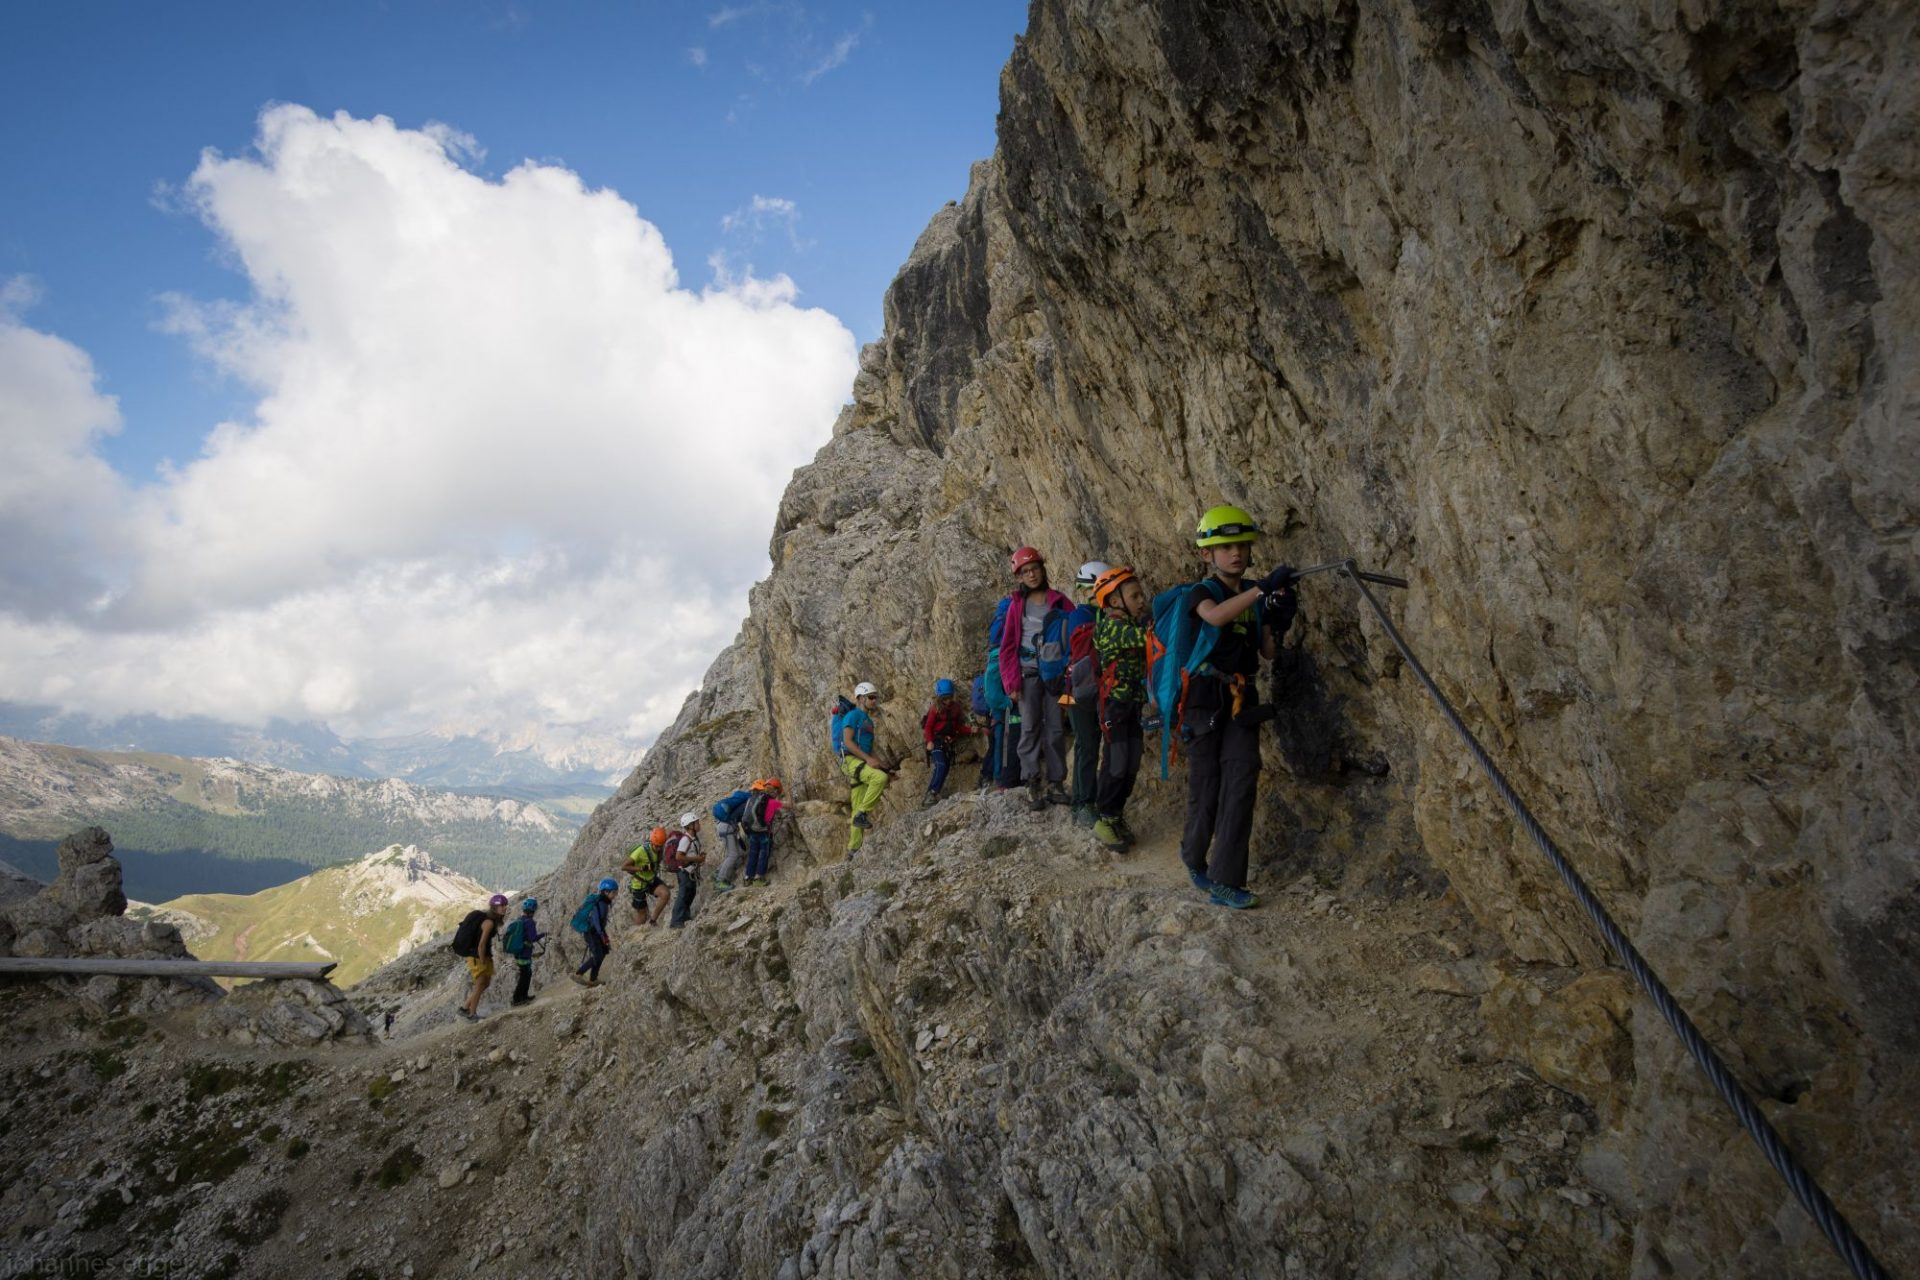 Über Drahtseile zum Gipfel: Klettersteiggehen in Südtirol